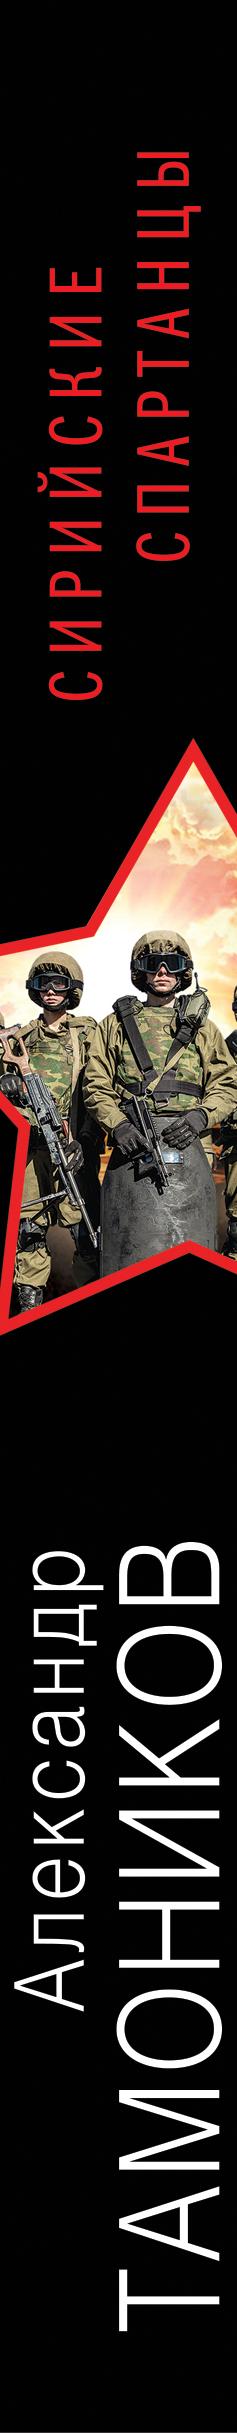 Сирийские спартанцы Группе спецназа майора Павла Новикова приказано скрытно выдвинуться...